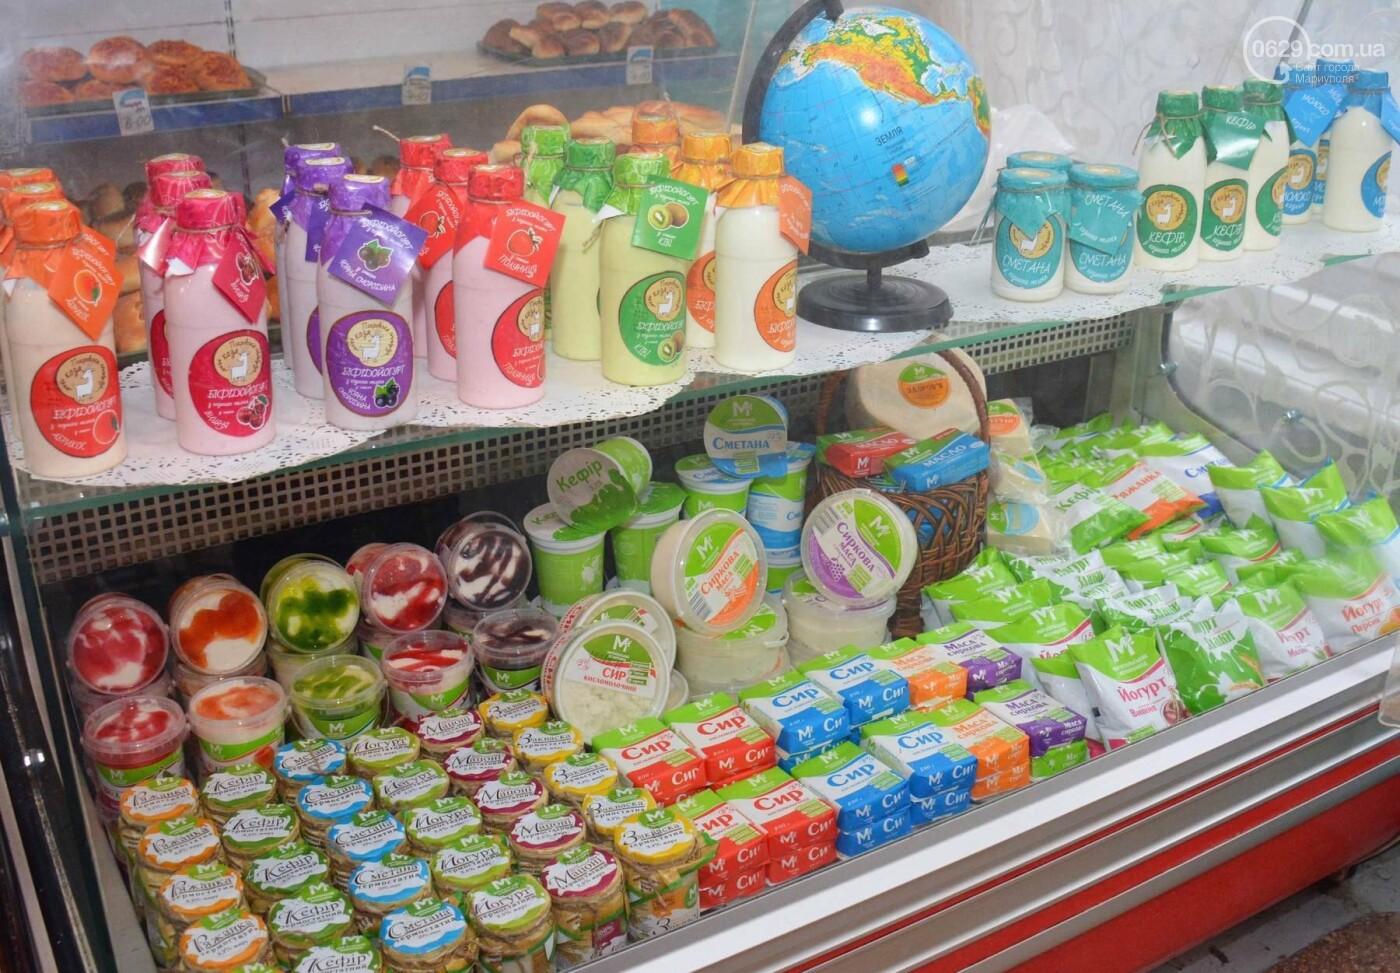 Больше молочных и мясных блюд, свежих овощей и фруктов: в ОШ № 15 представили обновленное меню для школьников., фото-35